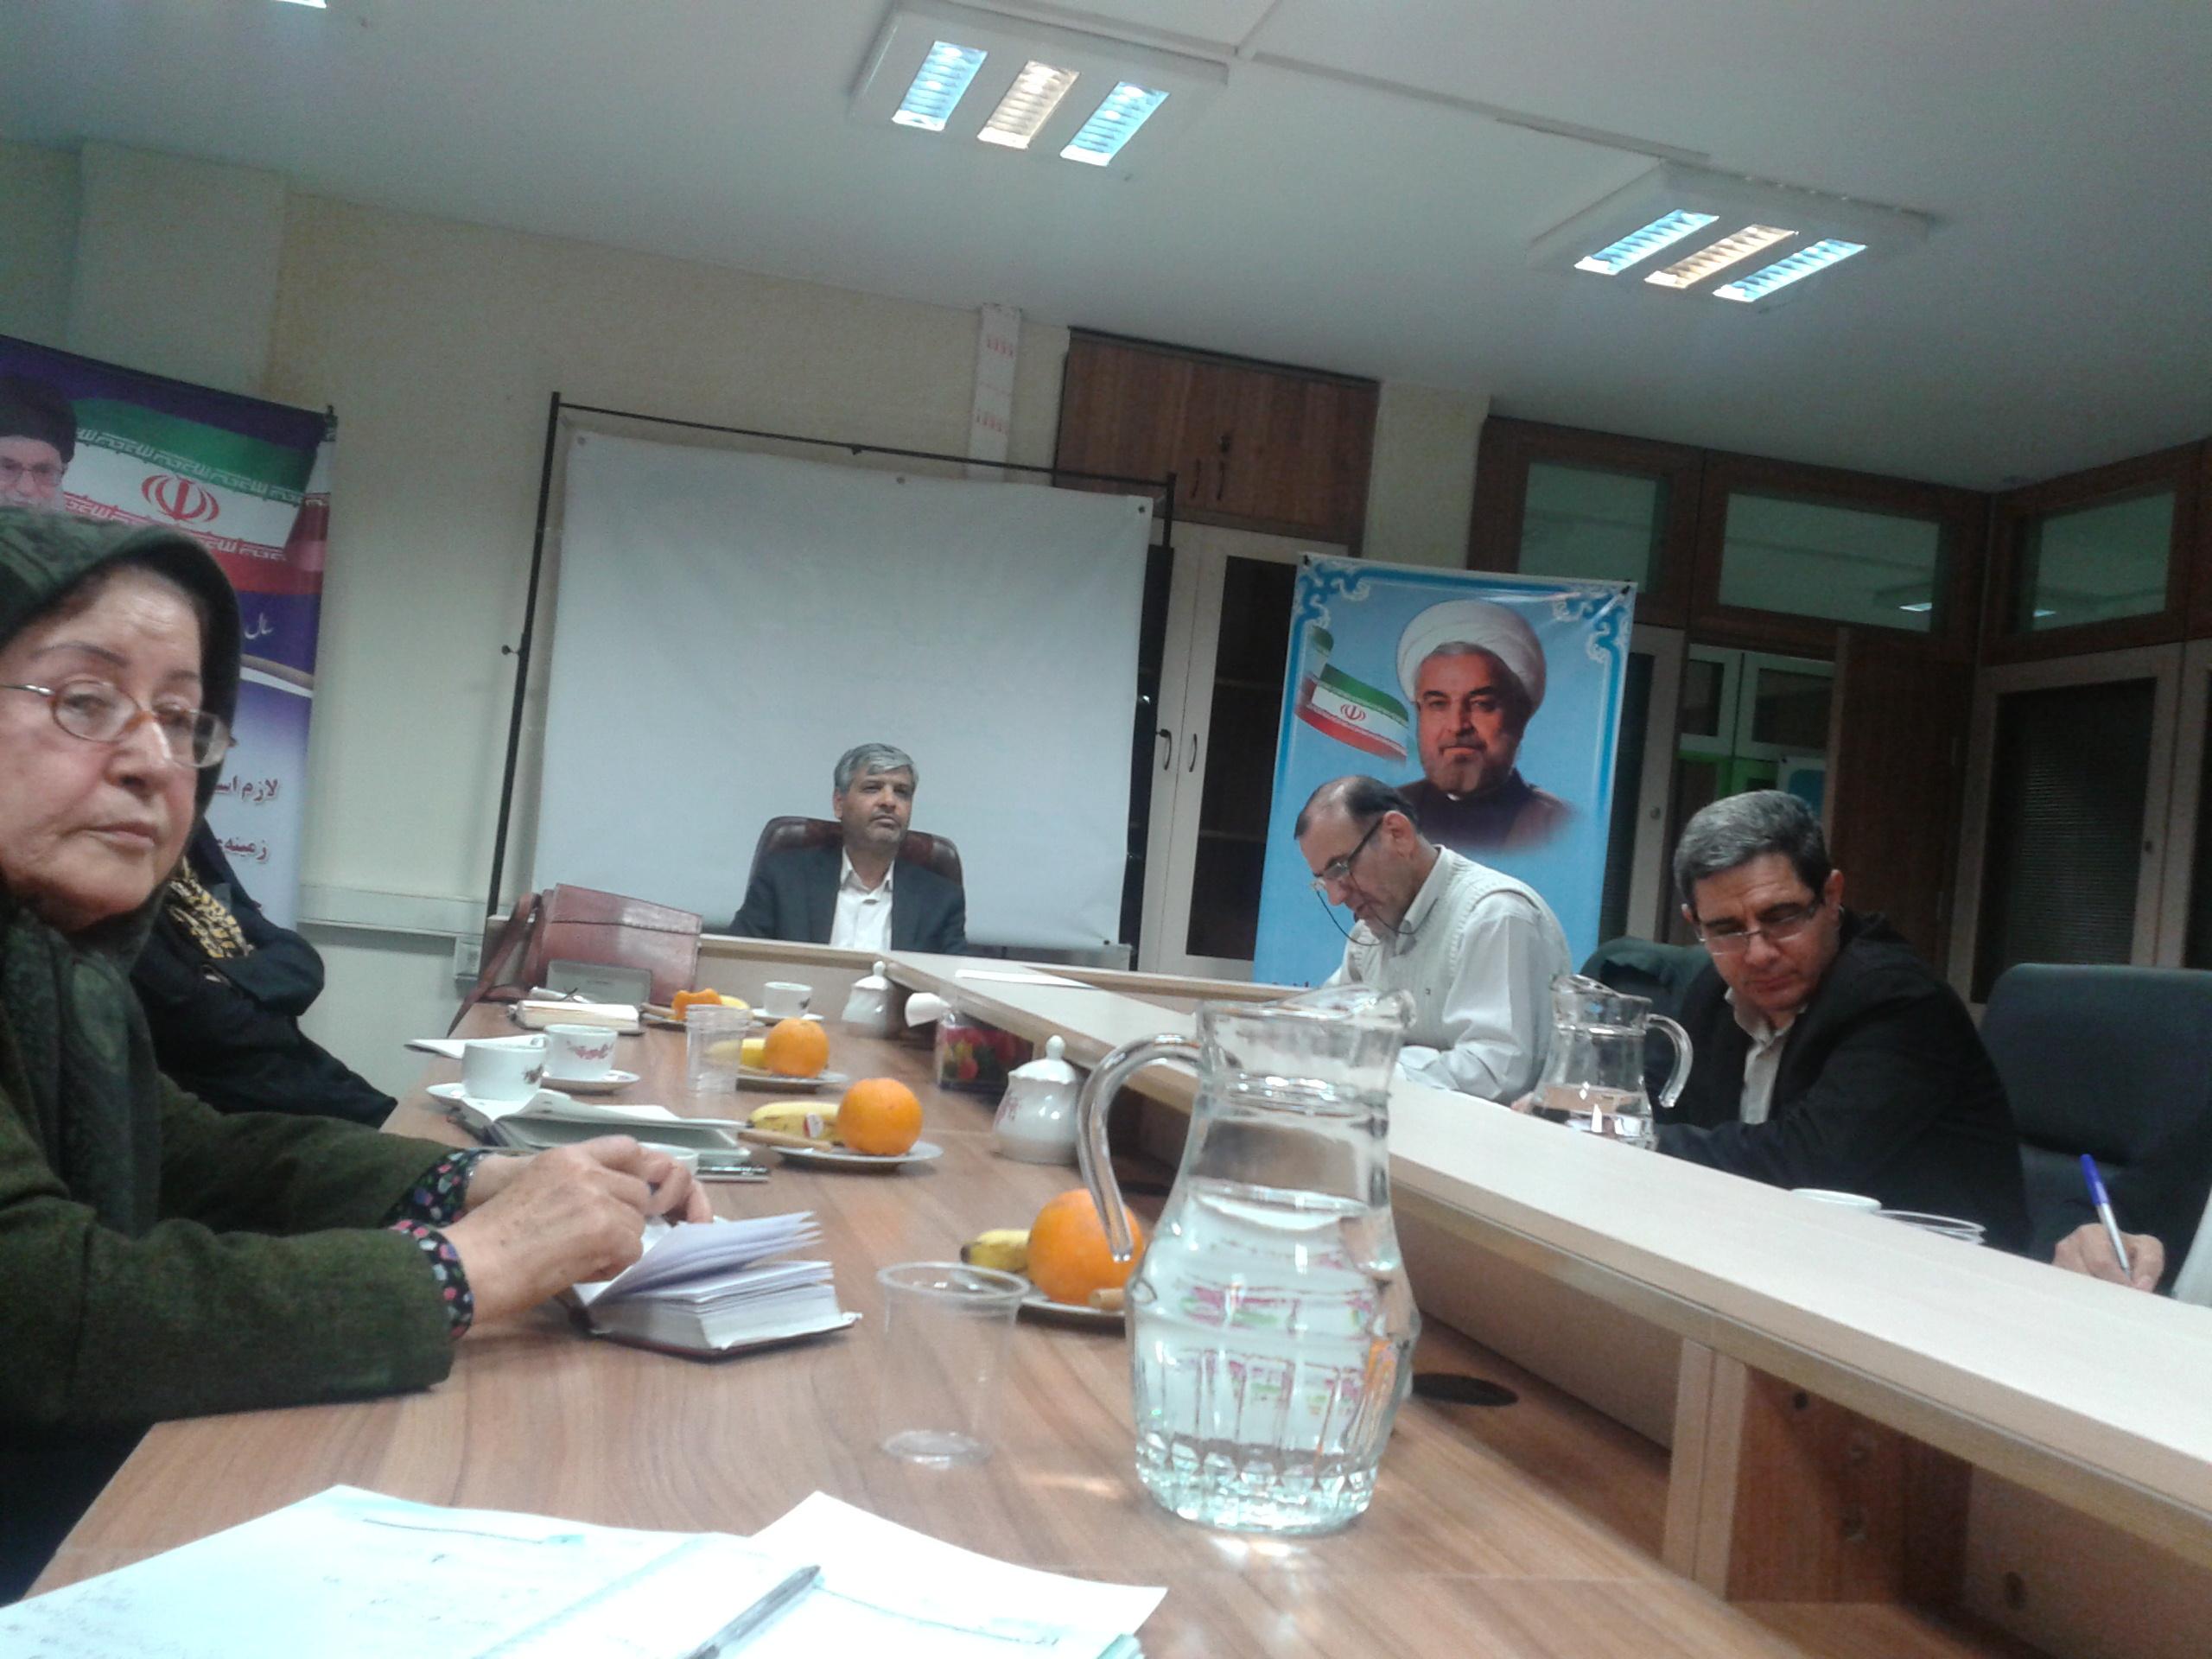 همکاری سازمان های مردم نهاد با وزارت آموزش و پرورش